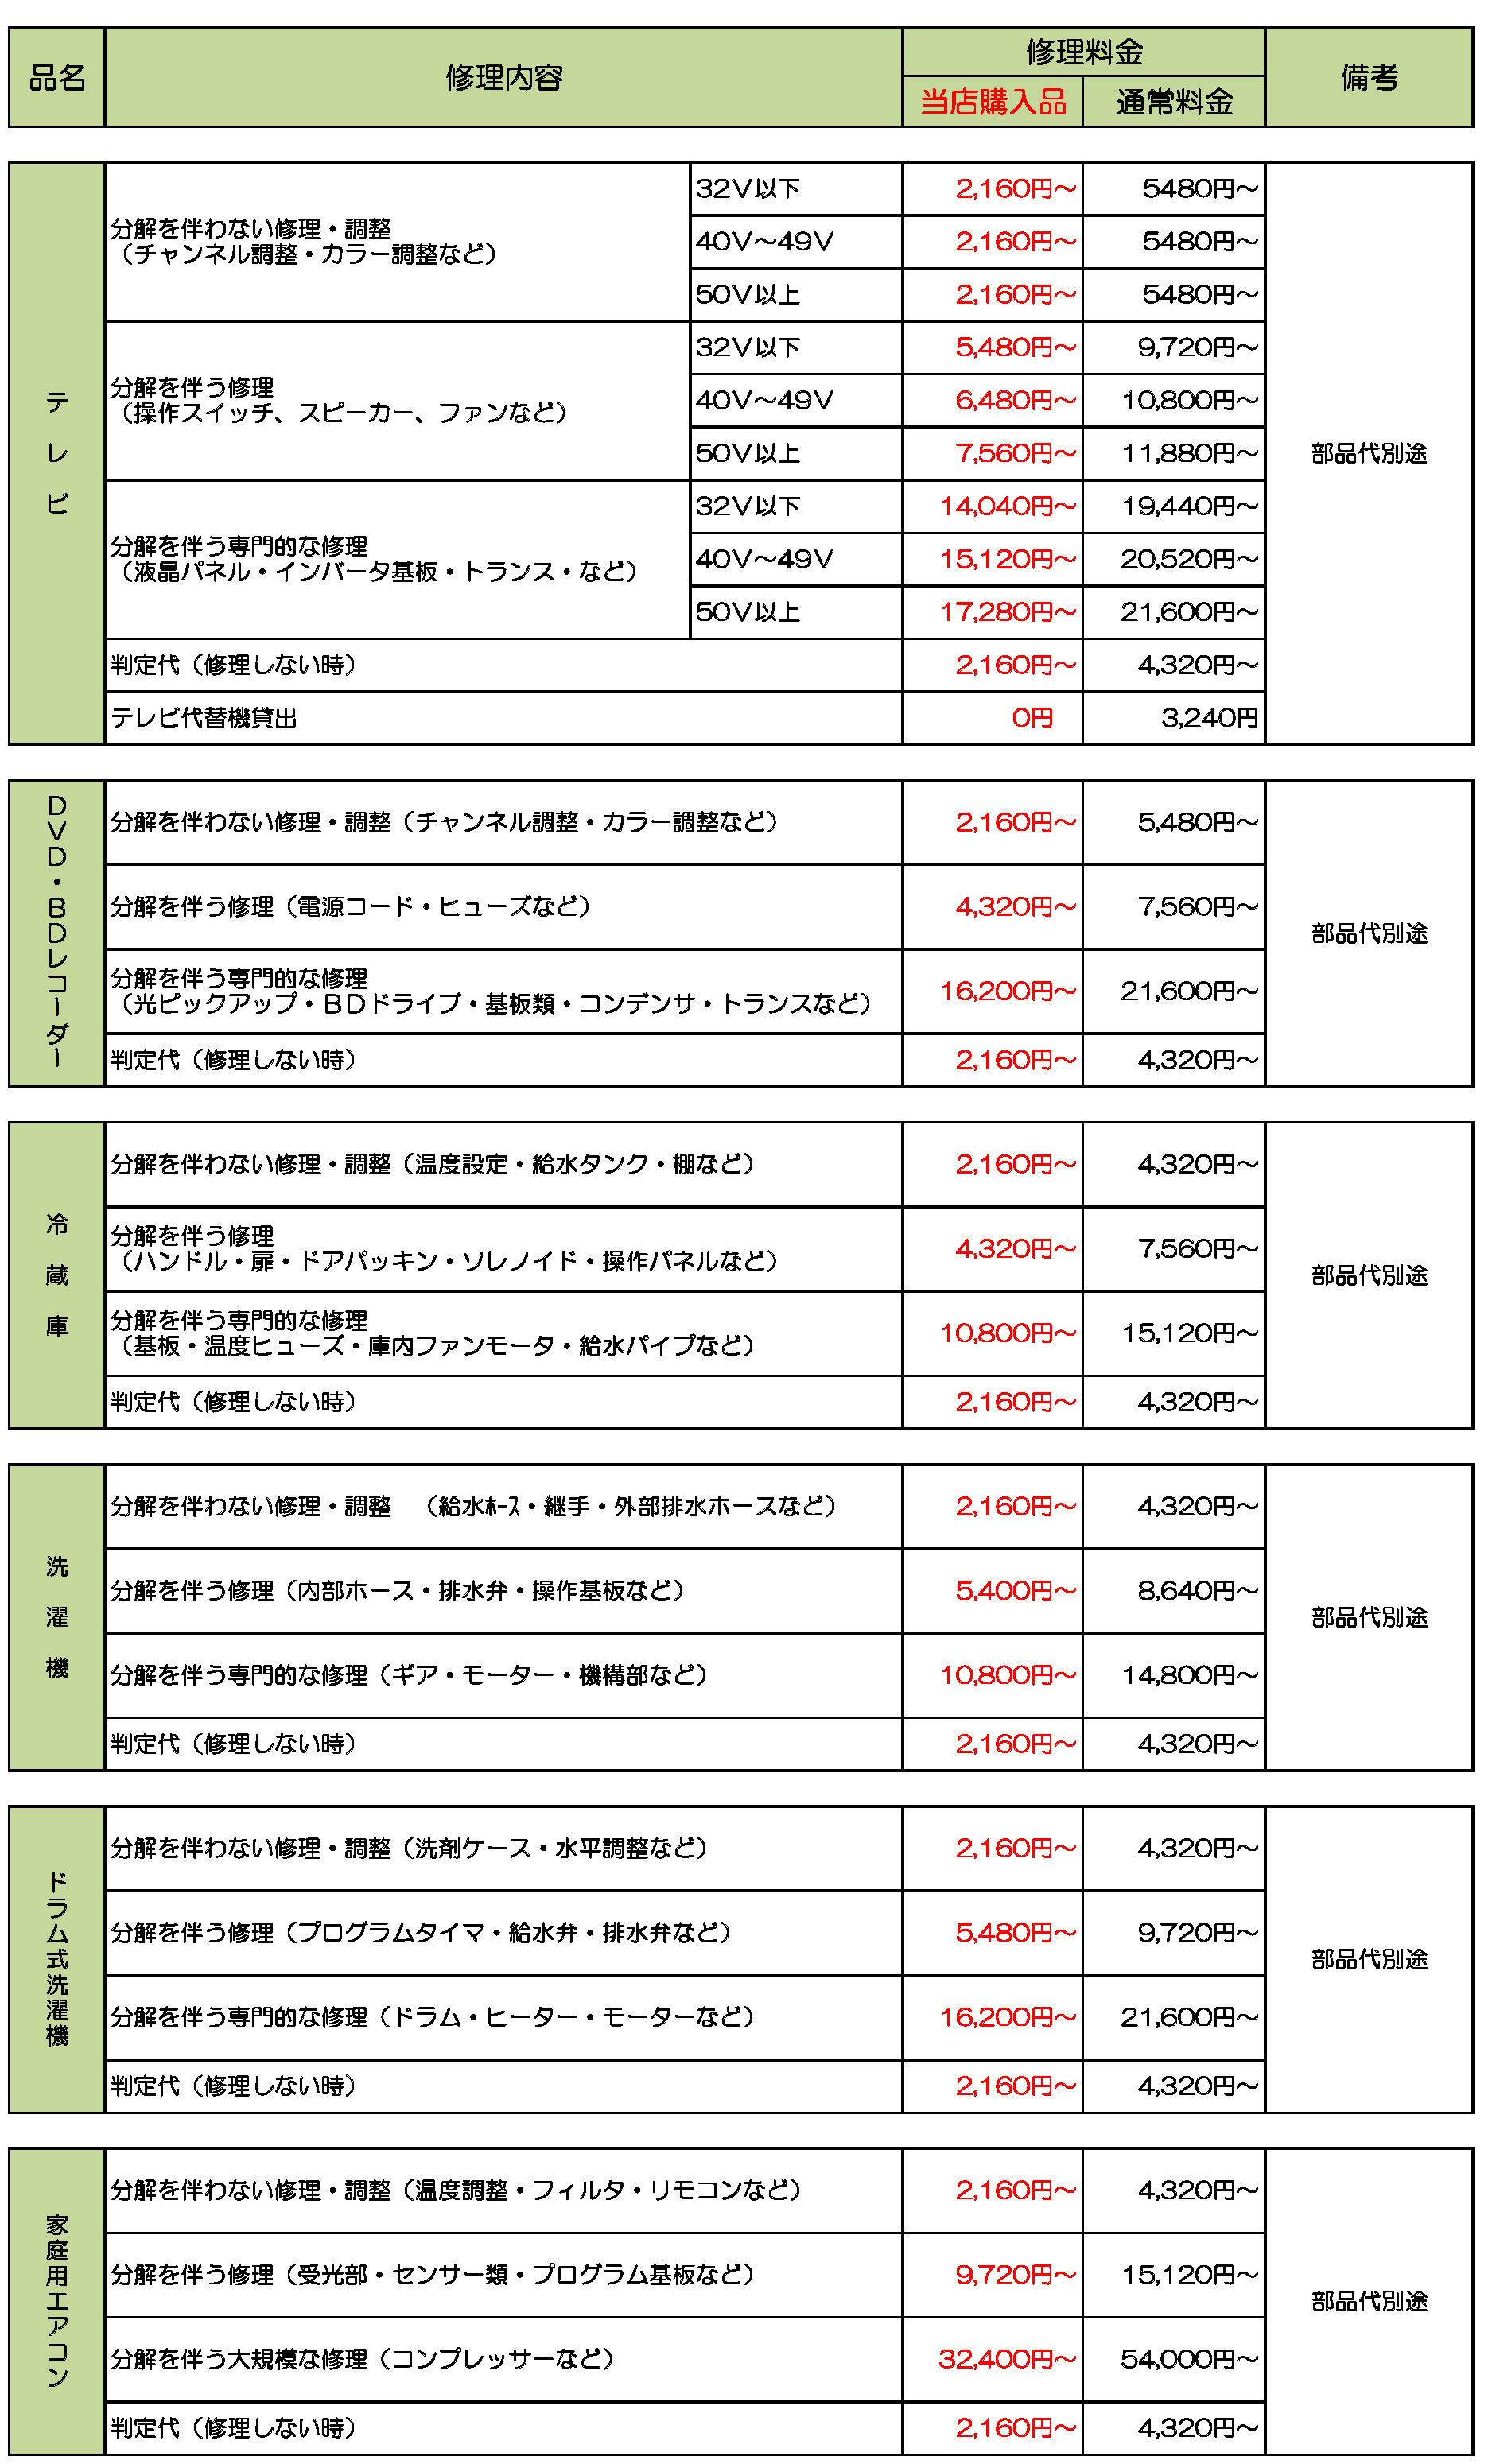 修理料金表 Sheet1